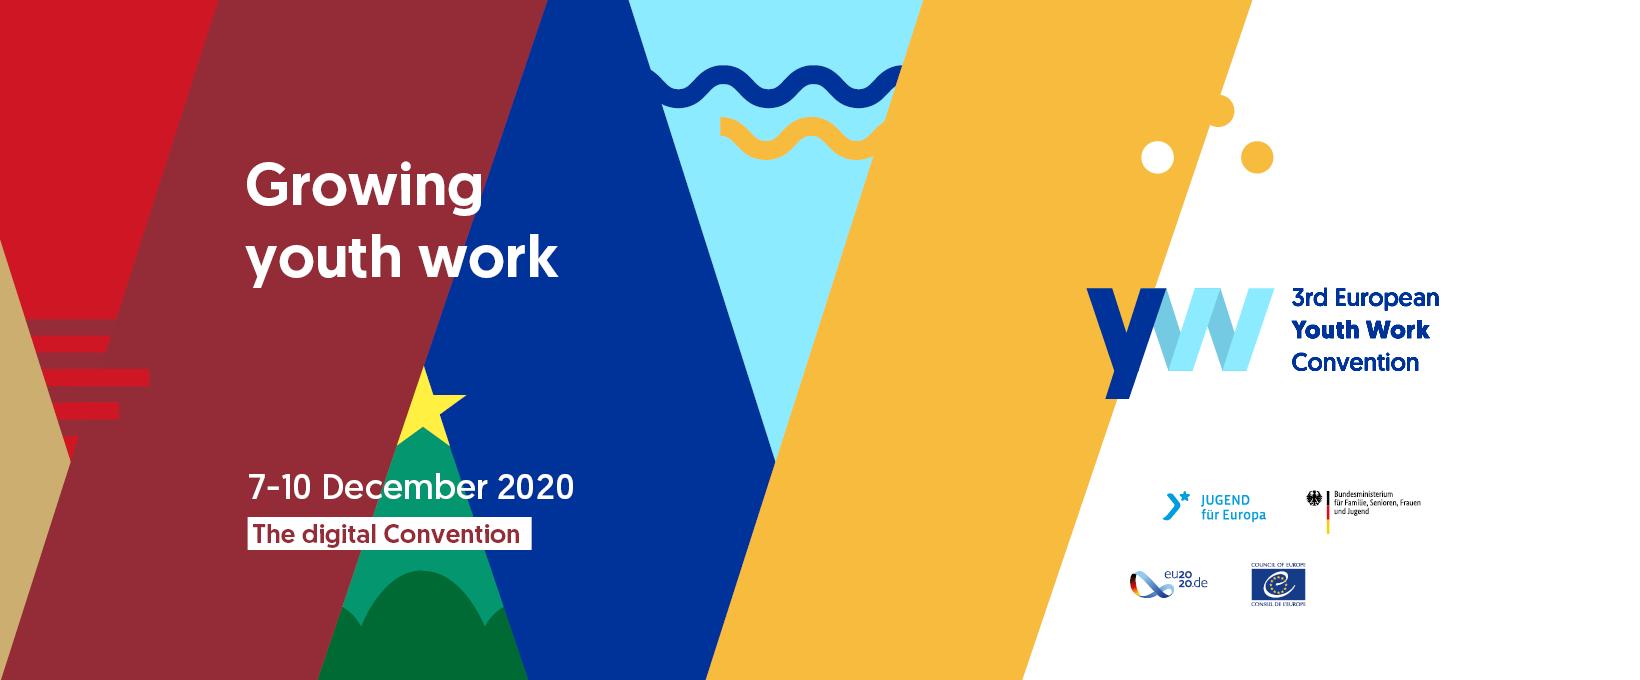 Hľadáme 8 členov národnej delegácie na Európsku konferenciu o práci s mládežou